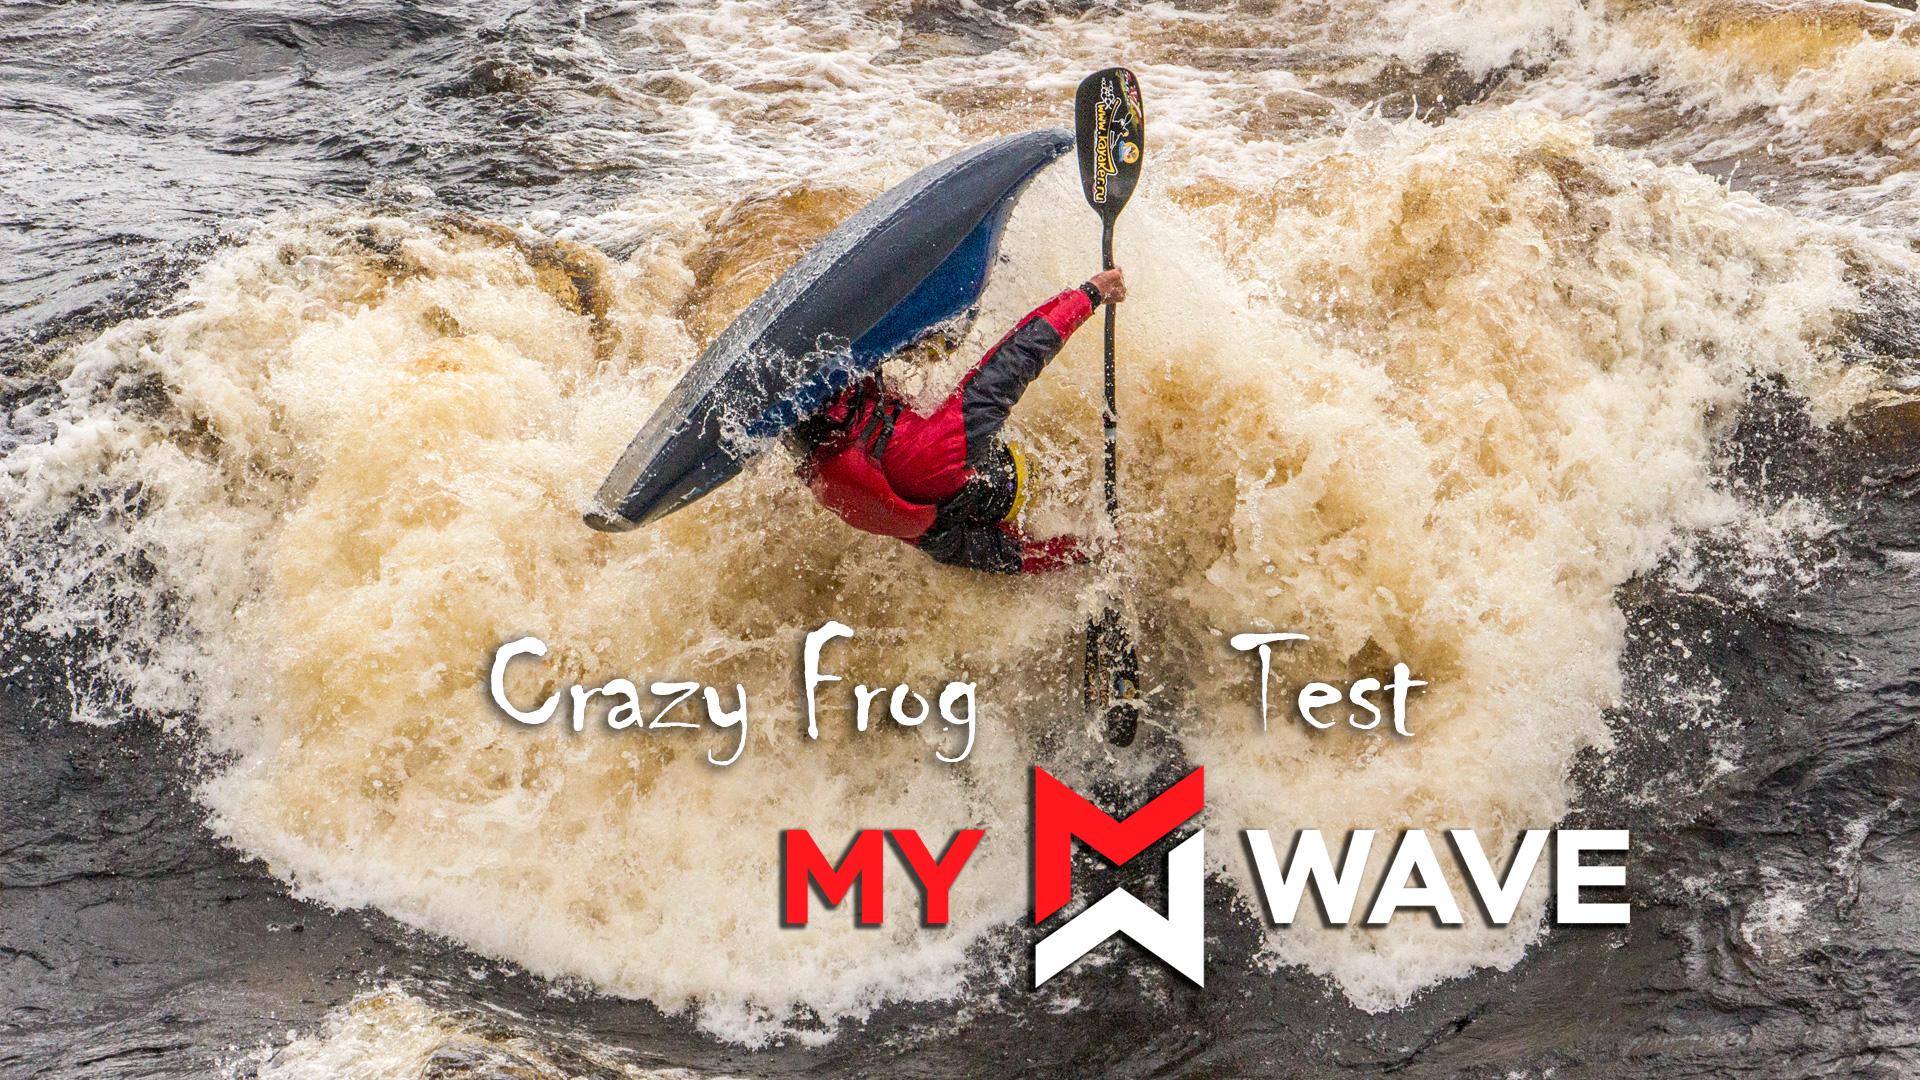 Тест композитного каяка для фристайла на бурной воде Crazy Frog от My Wave composite